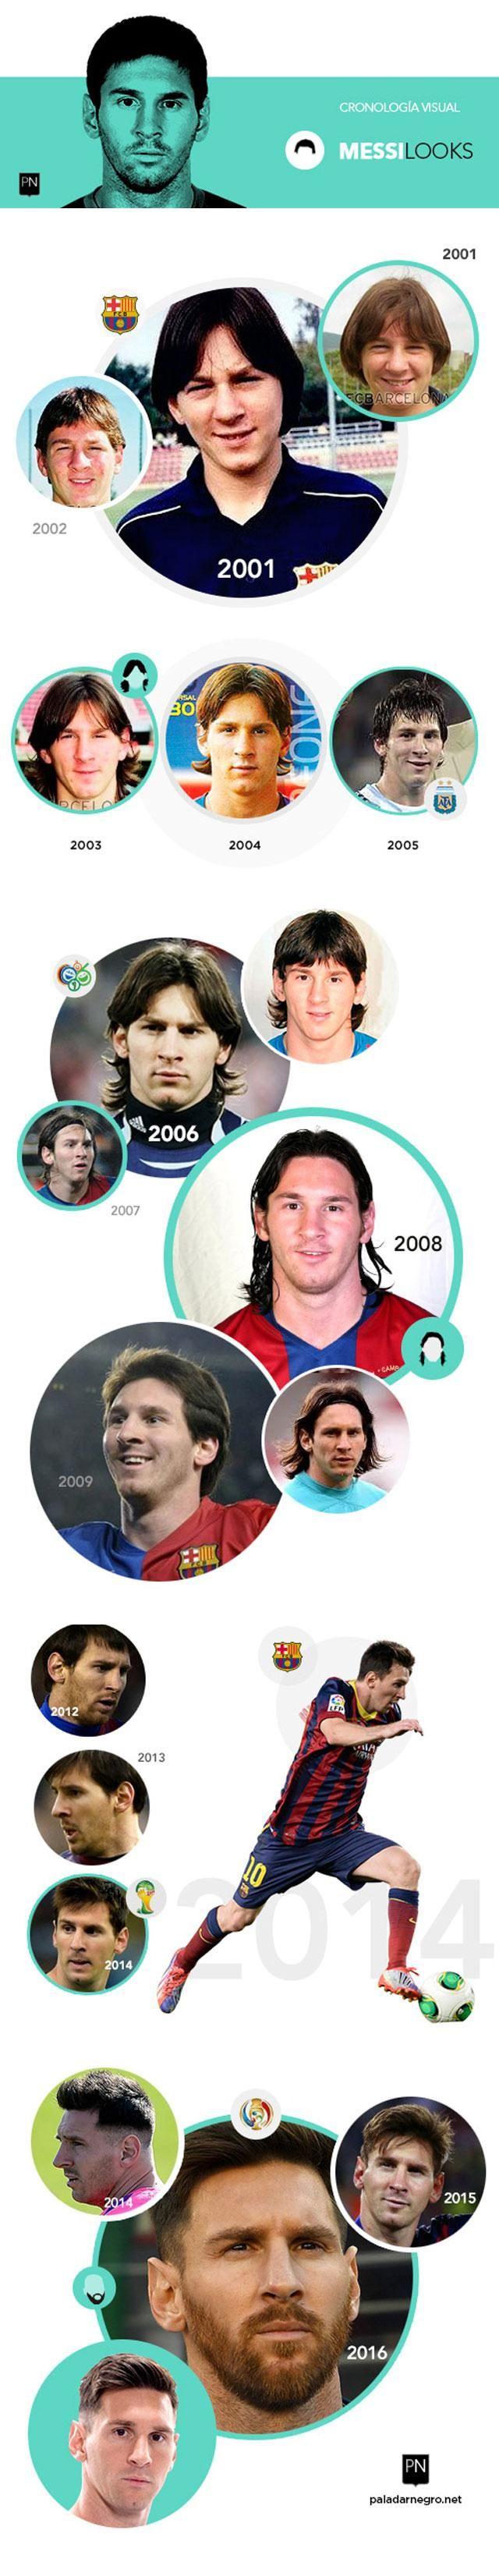 Paso a paso, la cronología del look de Messi: así fue la transformación del crack hasta llegar a la barba